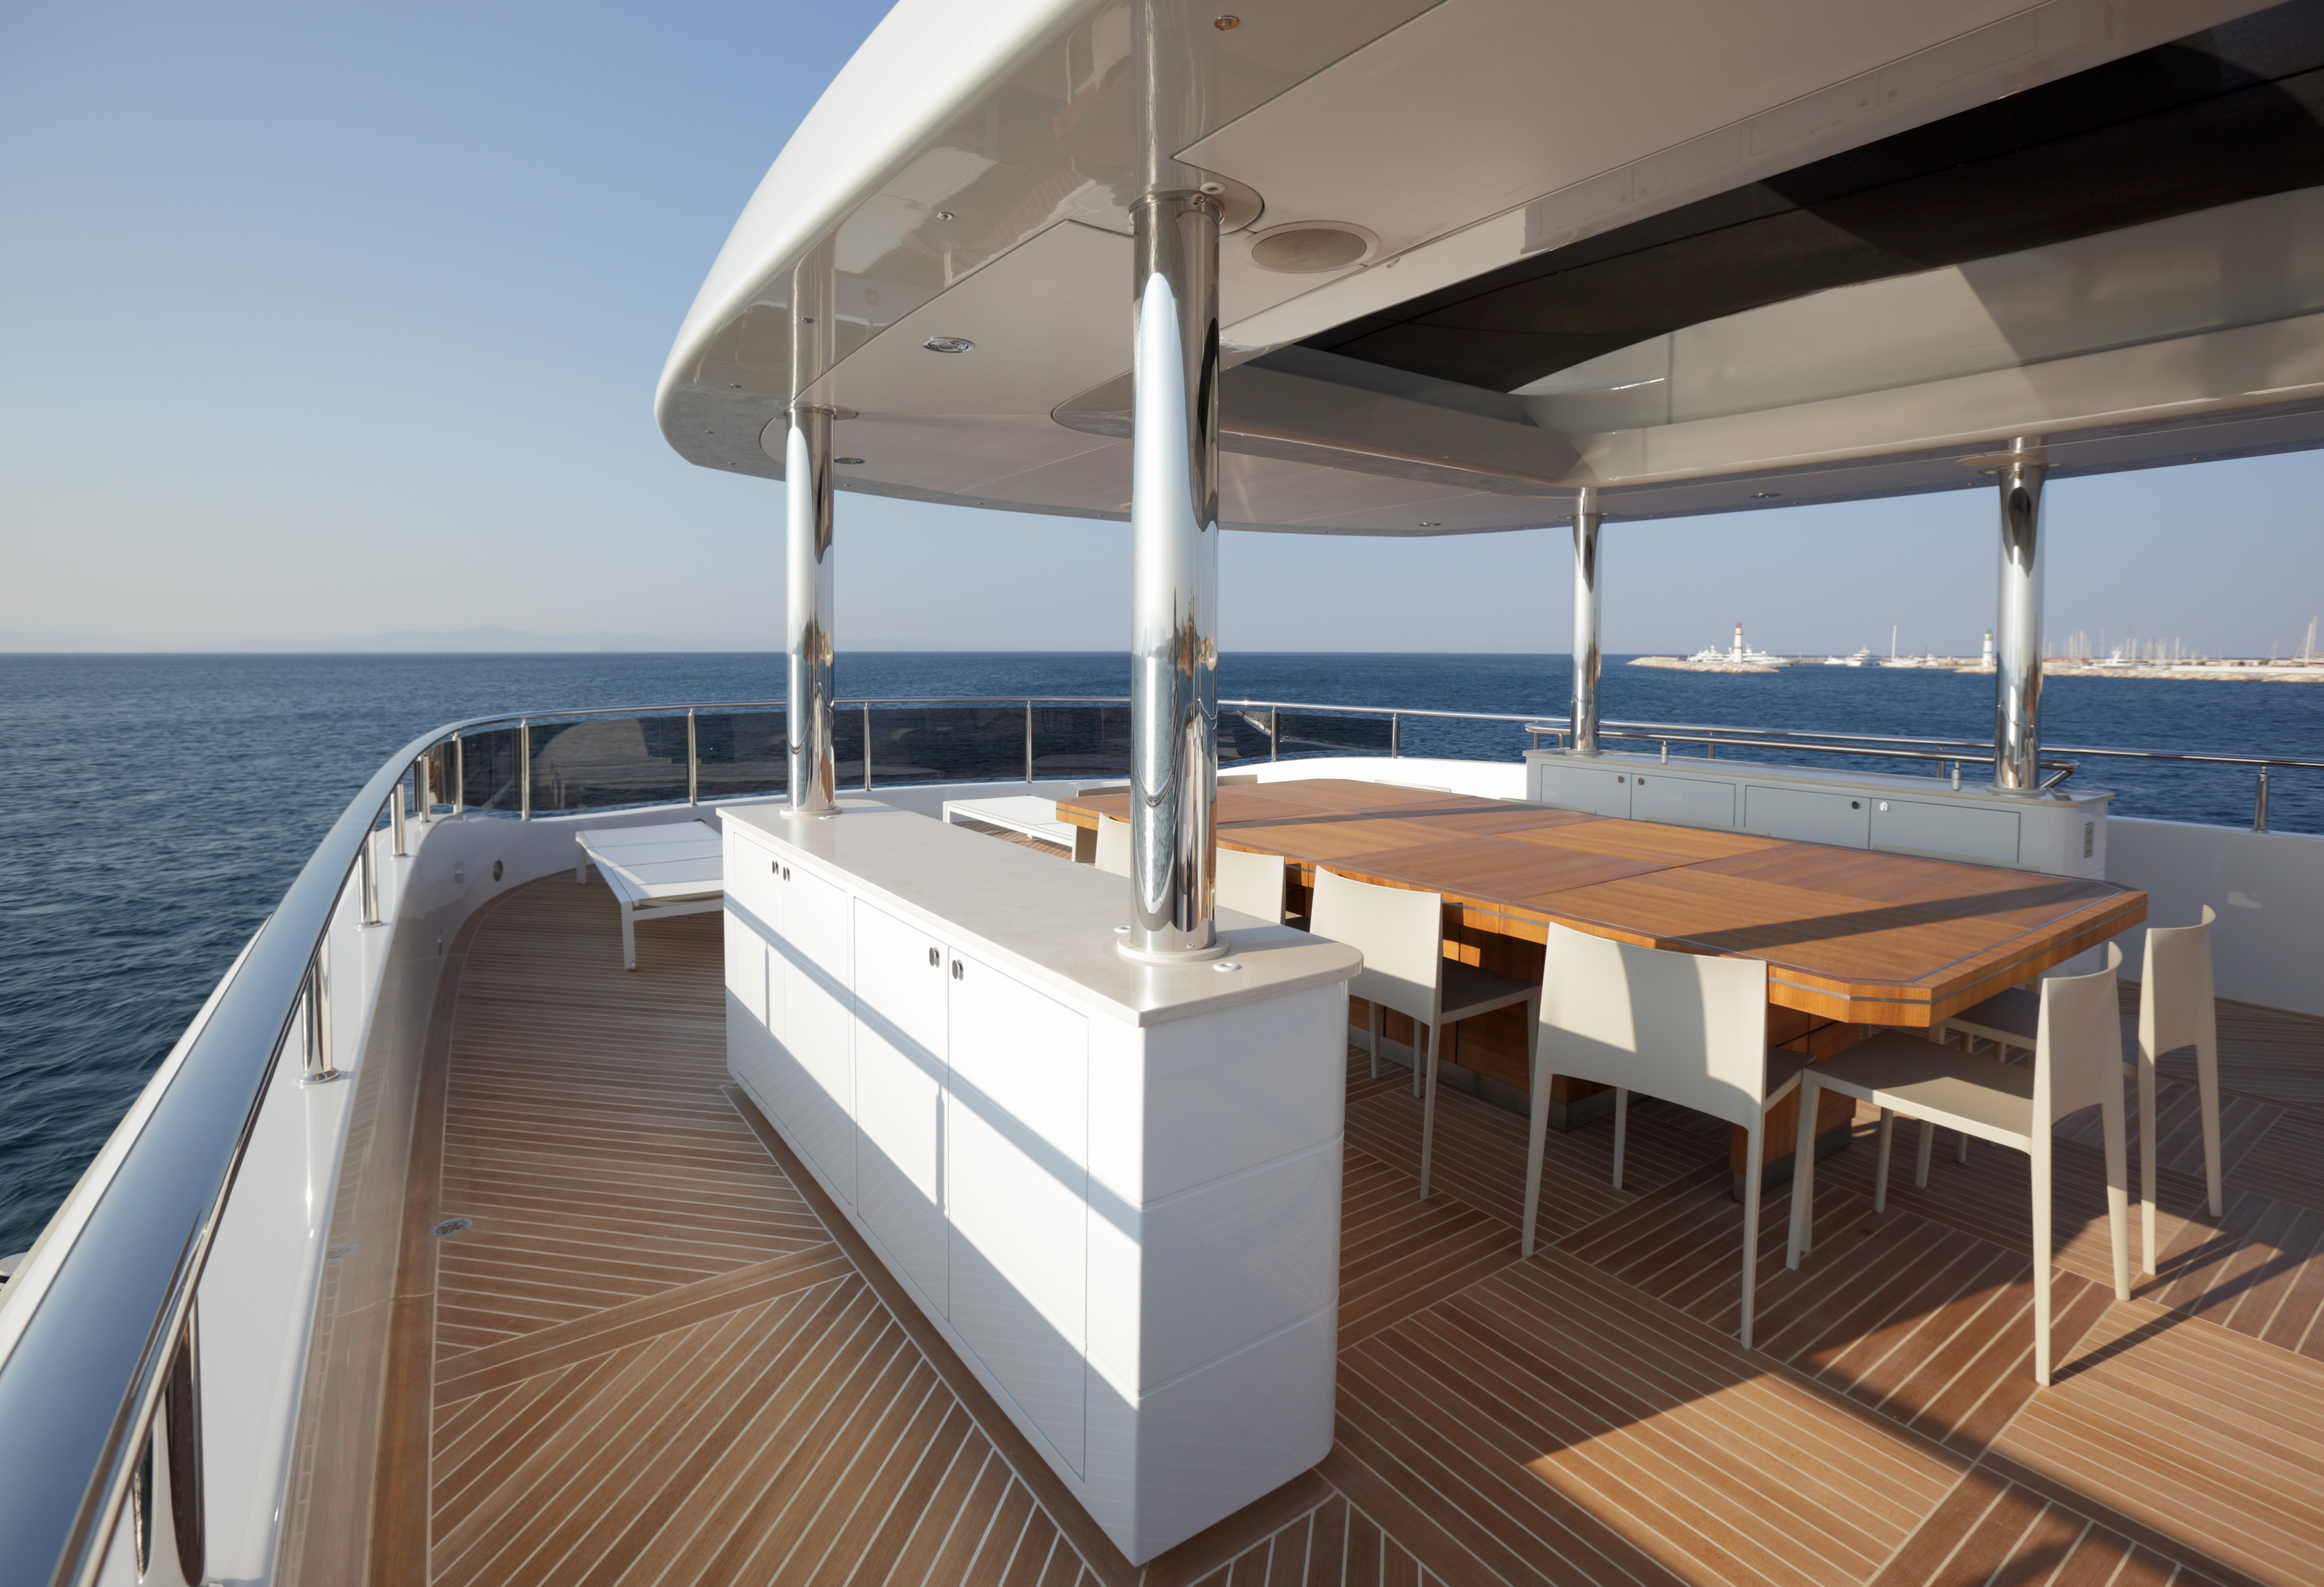 Yacht QUARANTA By Curvelle - Sundeck Al Fresco Dining